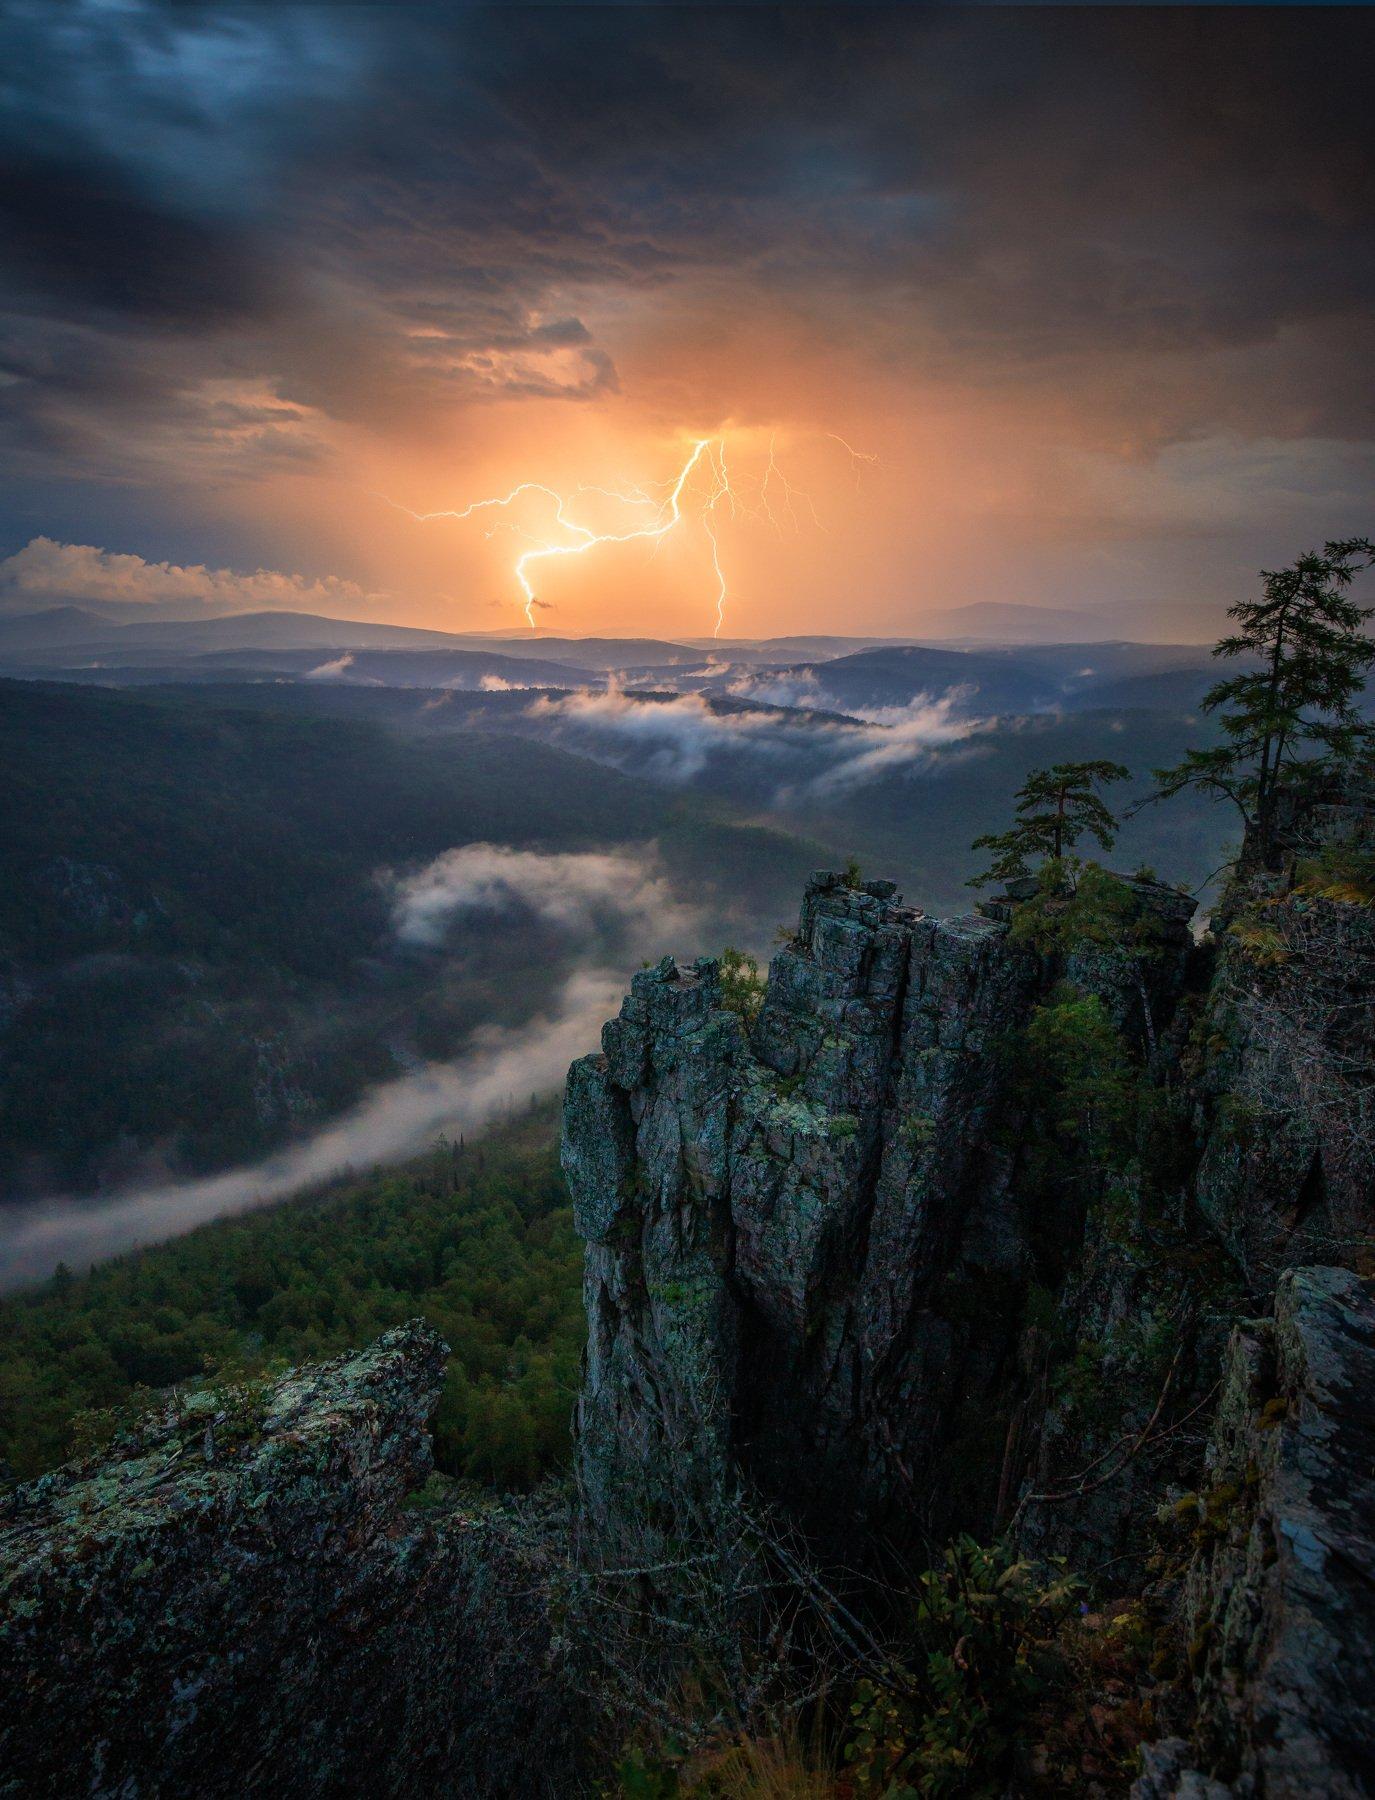 ночь, гроза, горы, южный урал, молния, Павел Меньшиков